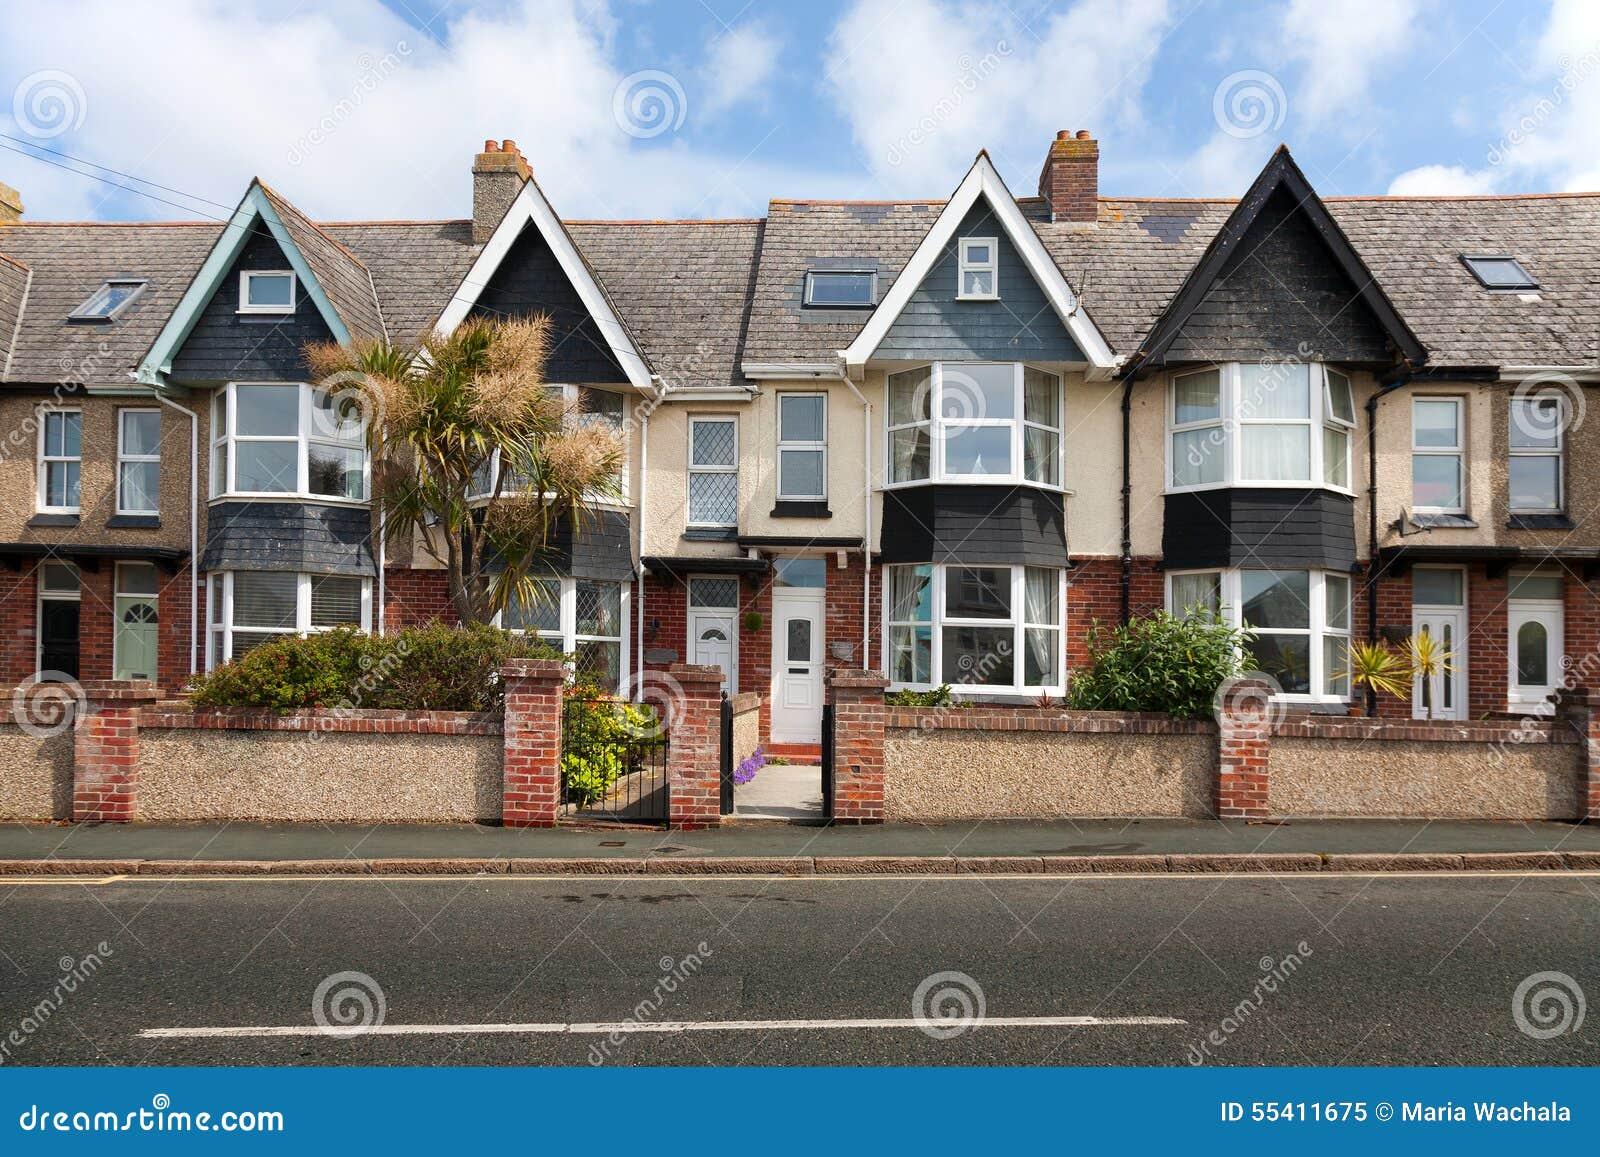 Rua inglesa de casas terraced